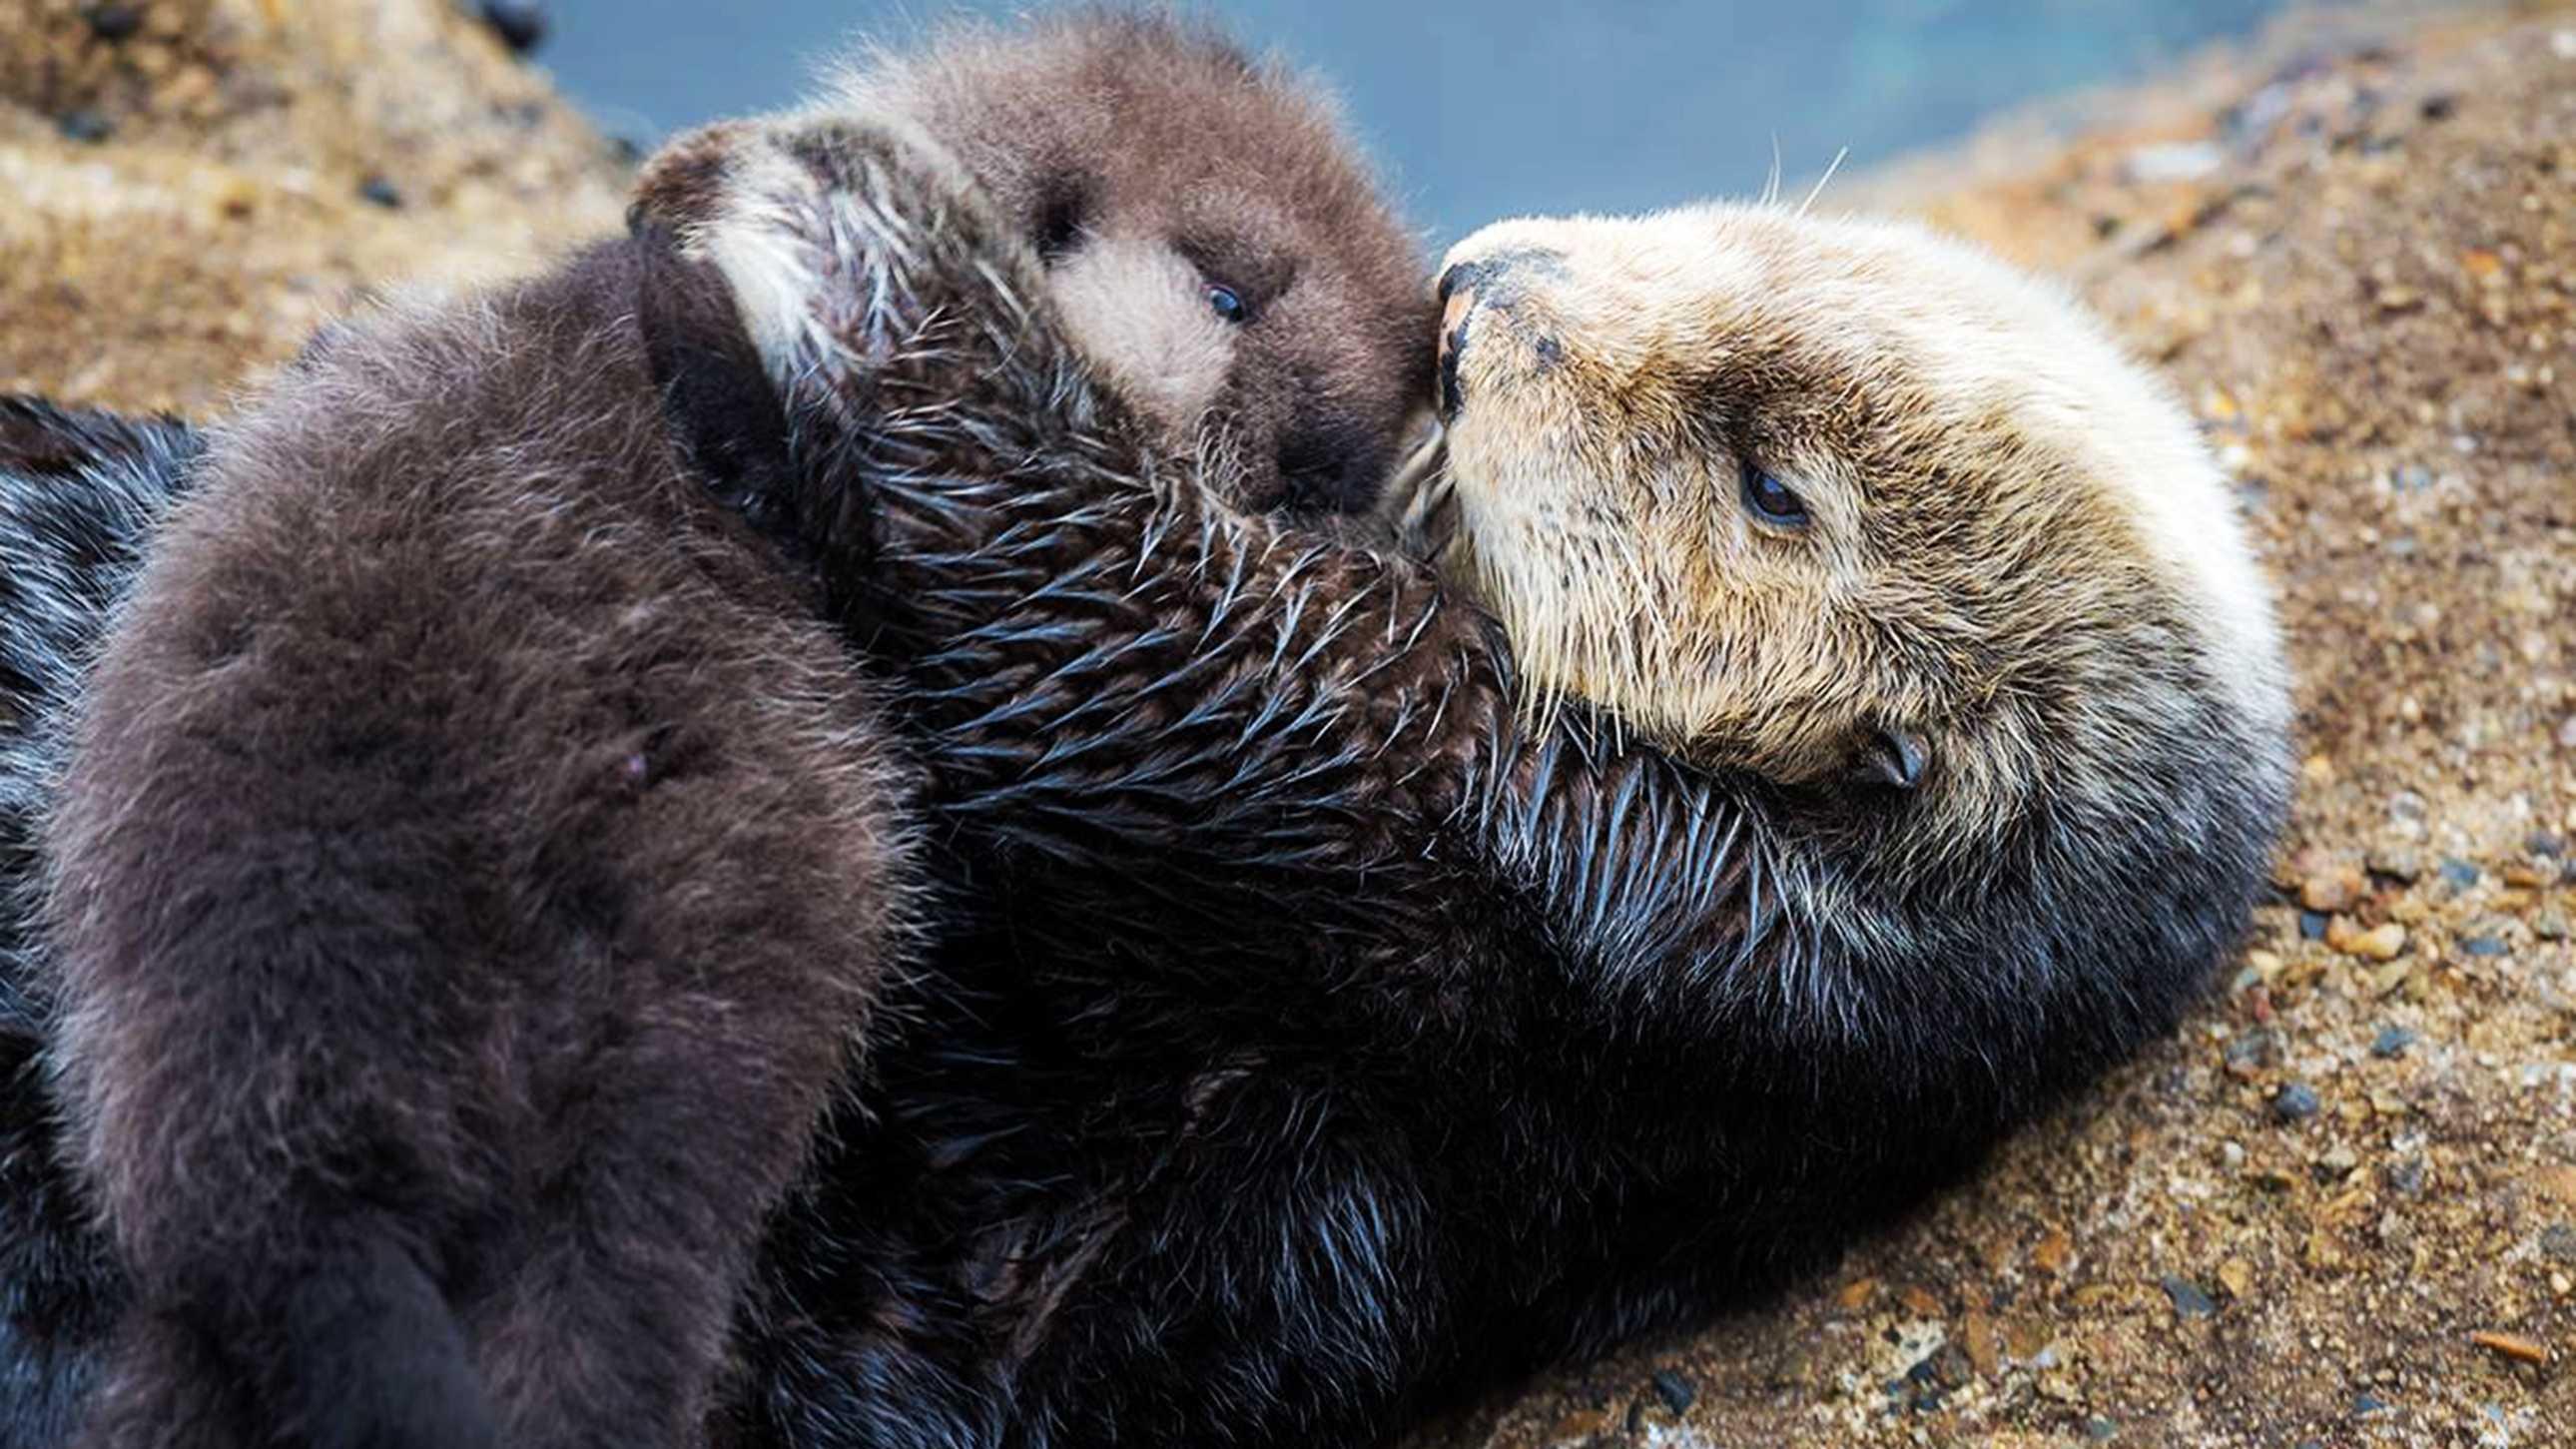 A wild sea otter holds her newborn pup in Monterey on Dec. 20, 2015.